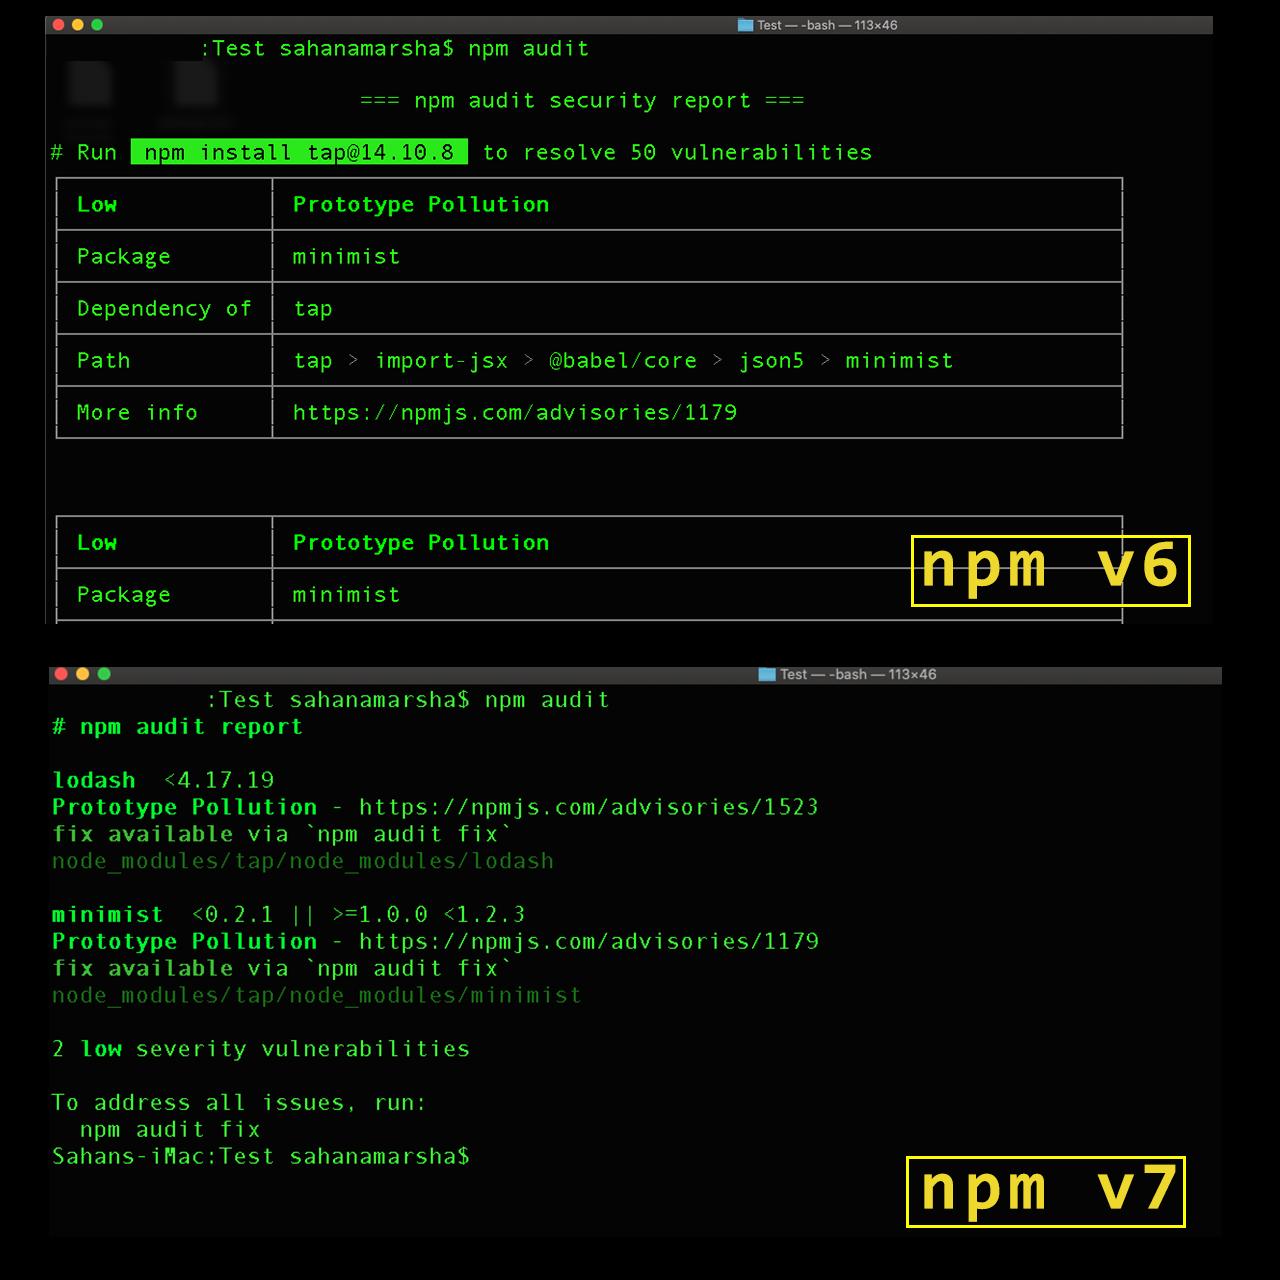 Выполнение npm audit в npm v6 и npm v7. Источник: Bits and Pieces